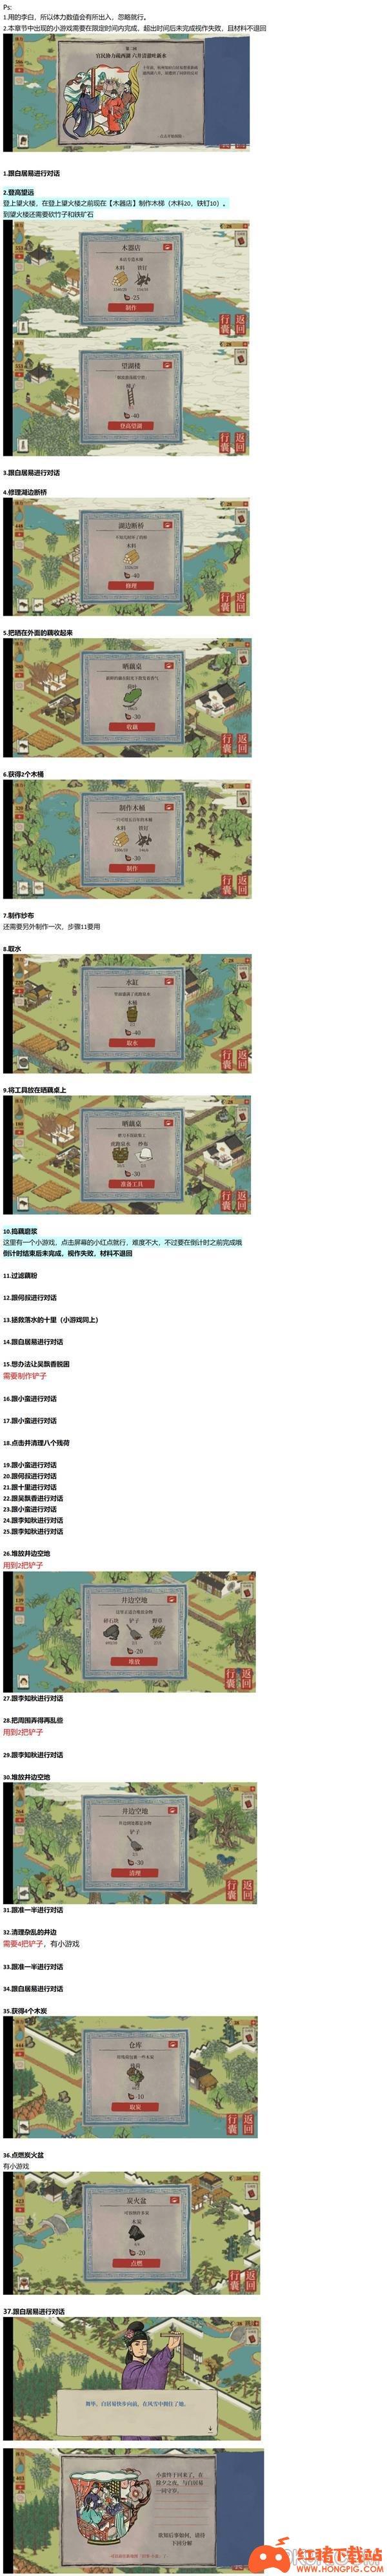 江南百景图杭州探险第二章剧情攻略大全